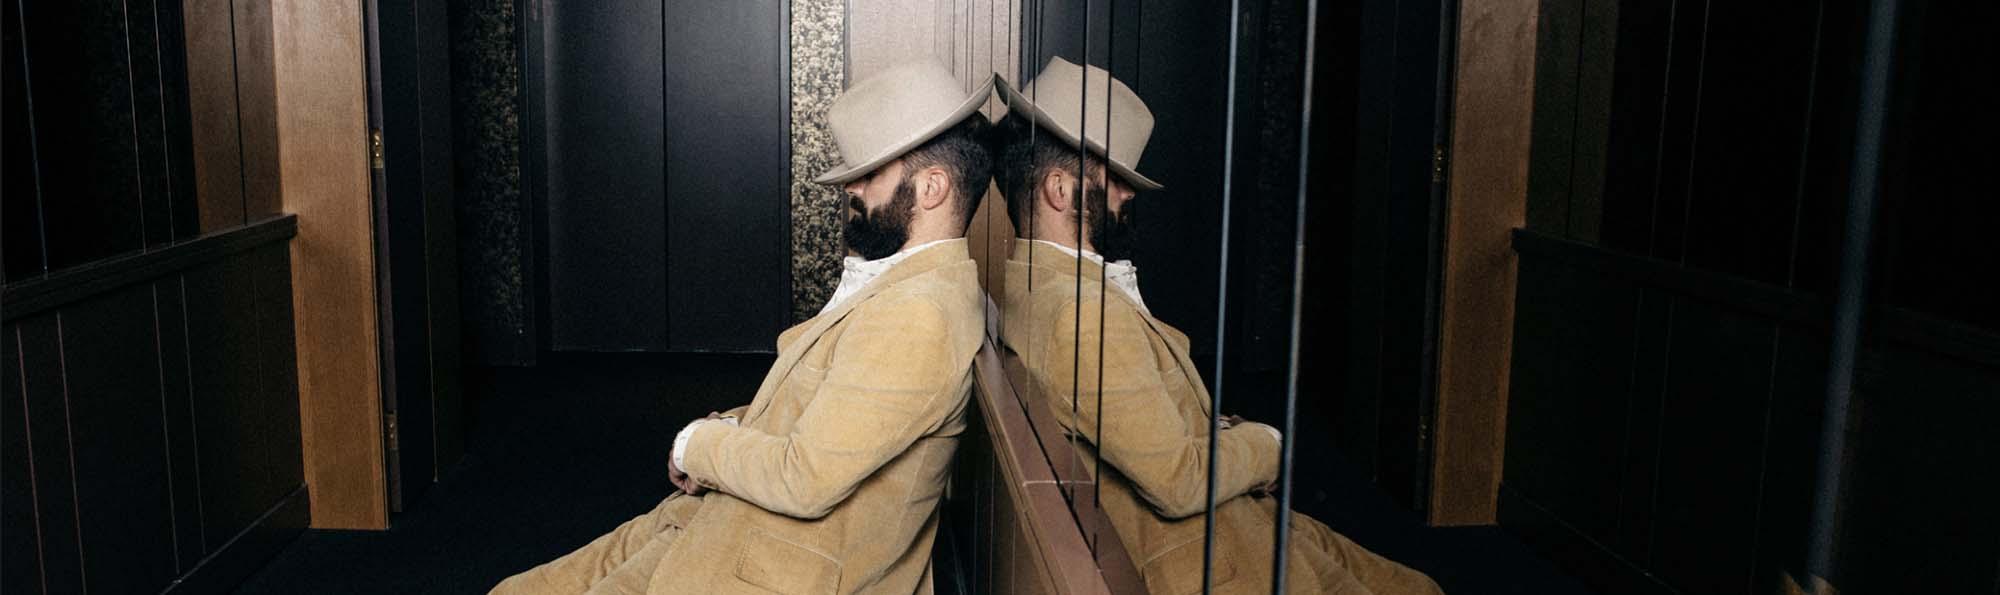 Drew Mirror